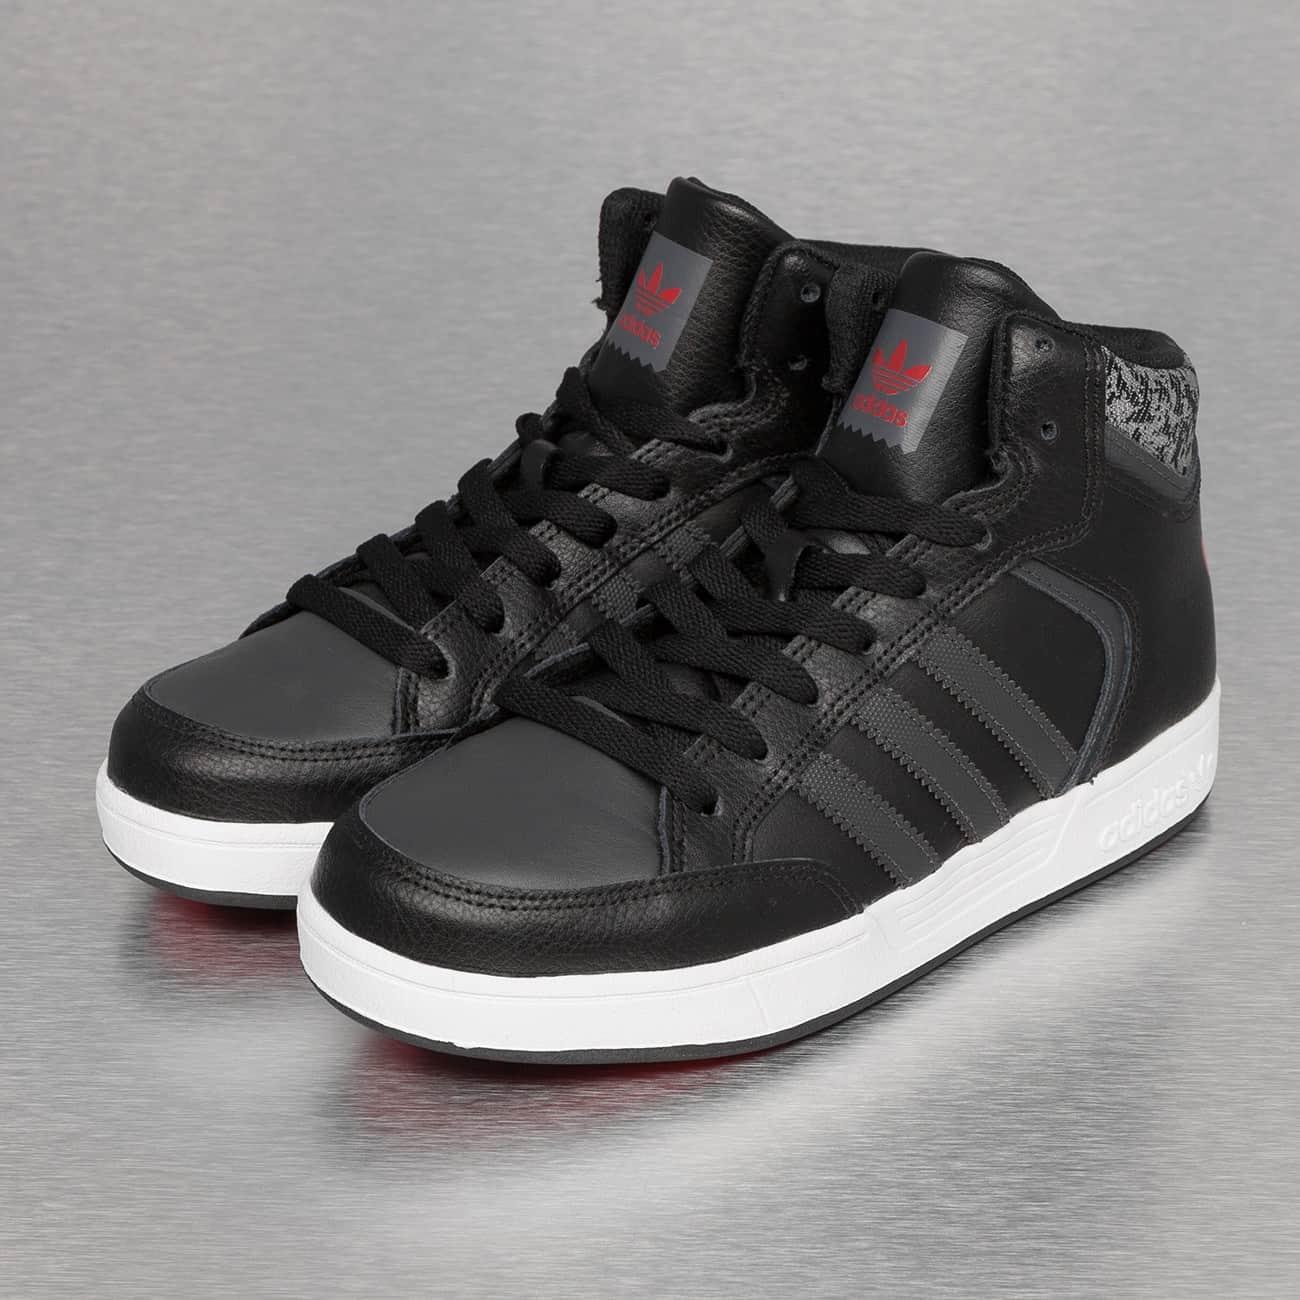 adidas Varial Mid jr sneakers €23,99 @ Def Shop